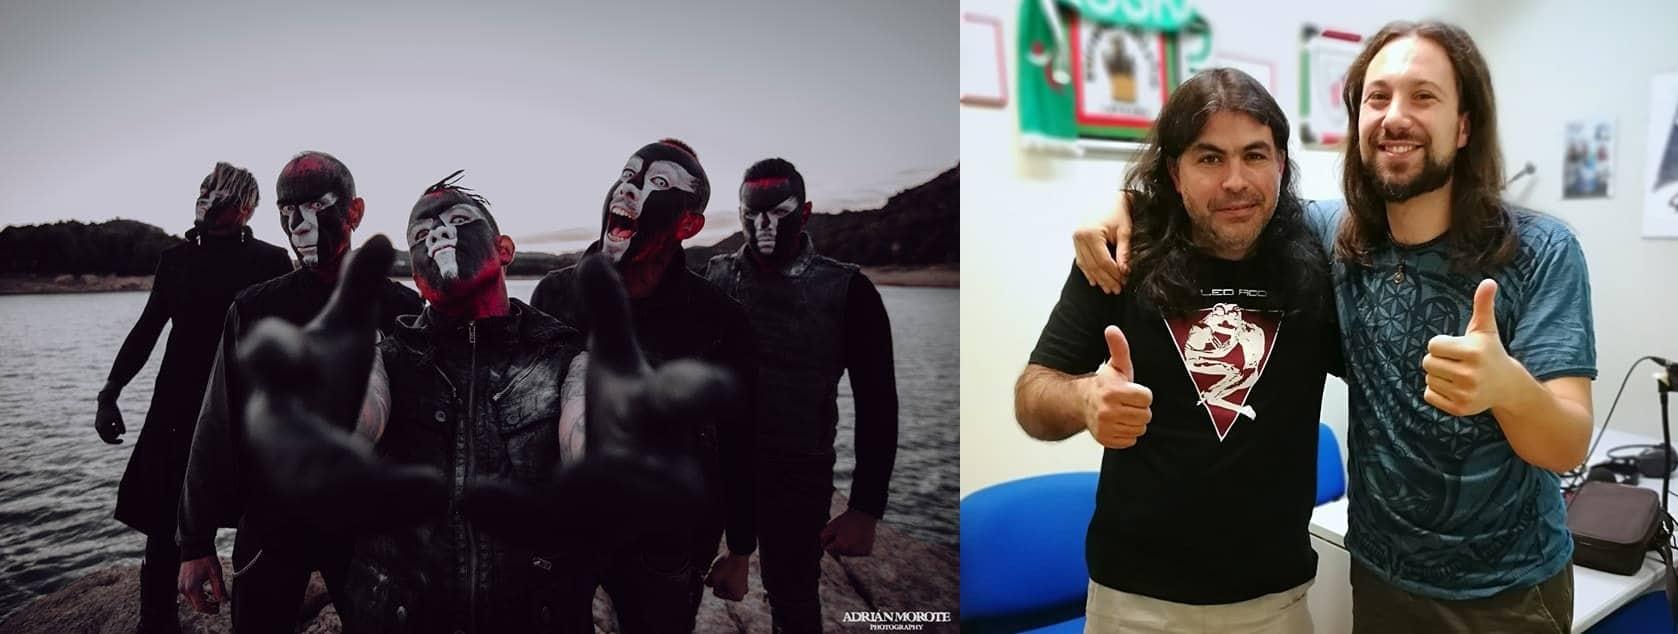 La mirada negra: Entrevista  con  Killus  y  Javier  Fernández